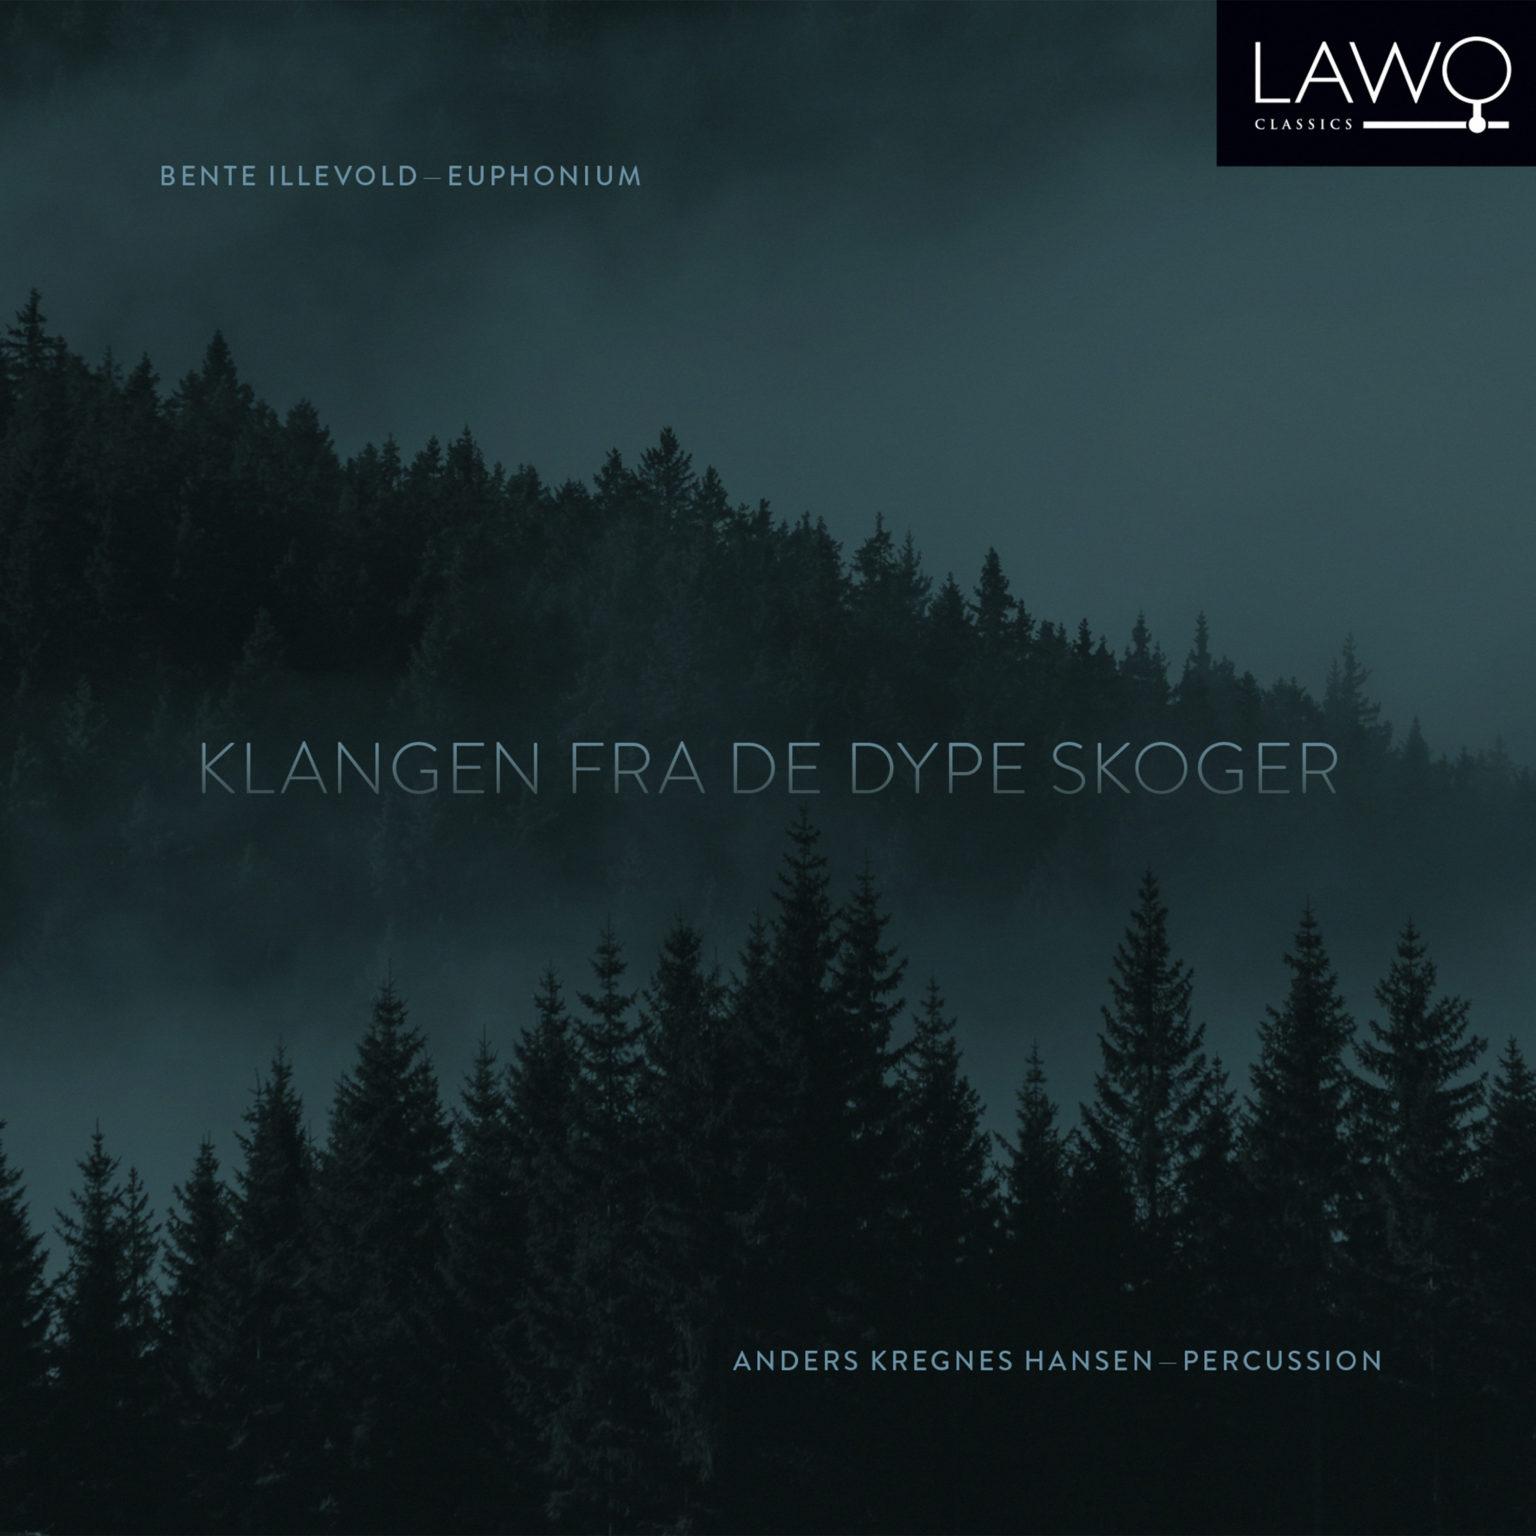 Click image for larger version.  Name:LWC1195_Bente_Illevold_Klangen_fra_de_dype_skoger_cover_3000x3000px-1536x1536.jpg Views:195 Size:174.8 KB ID:7720